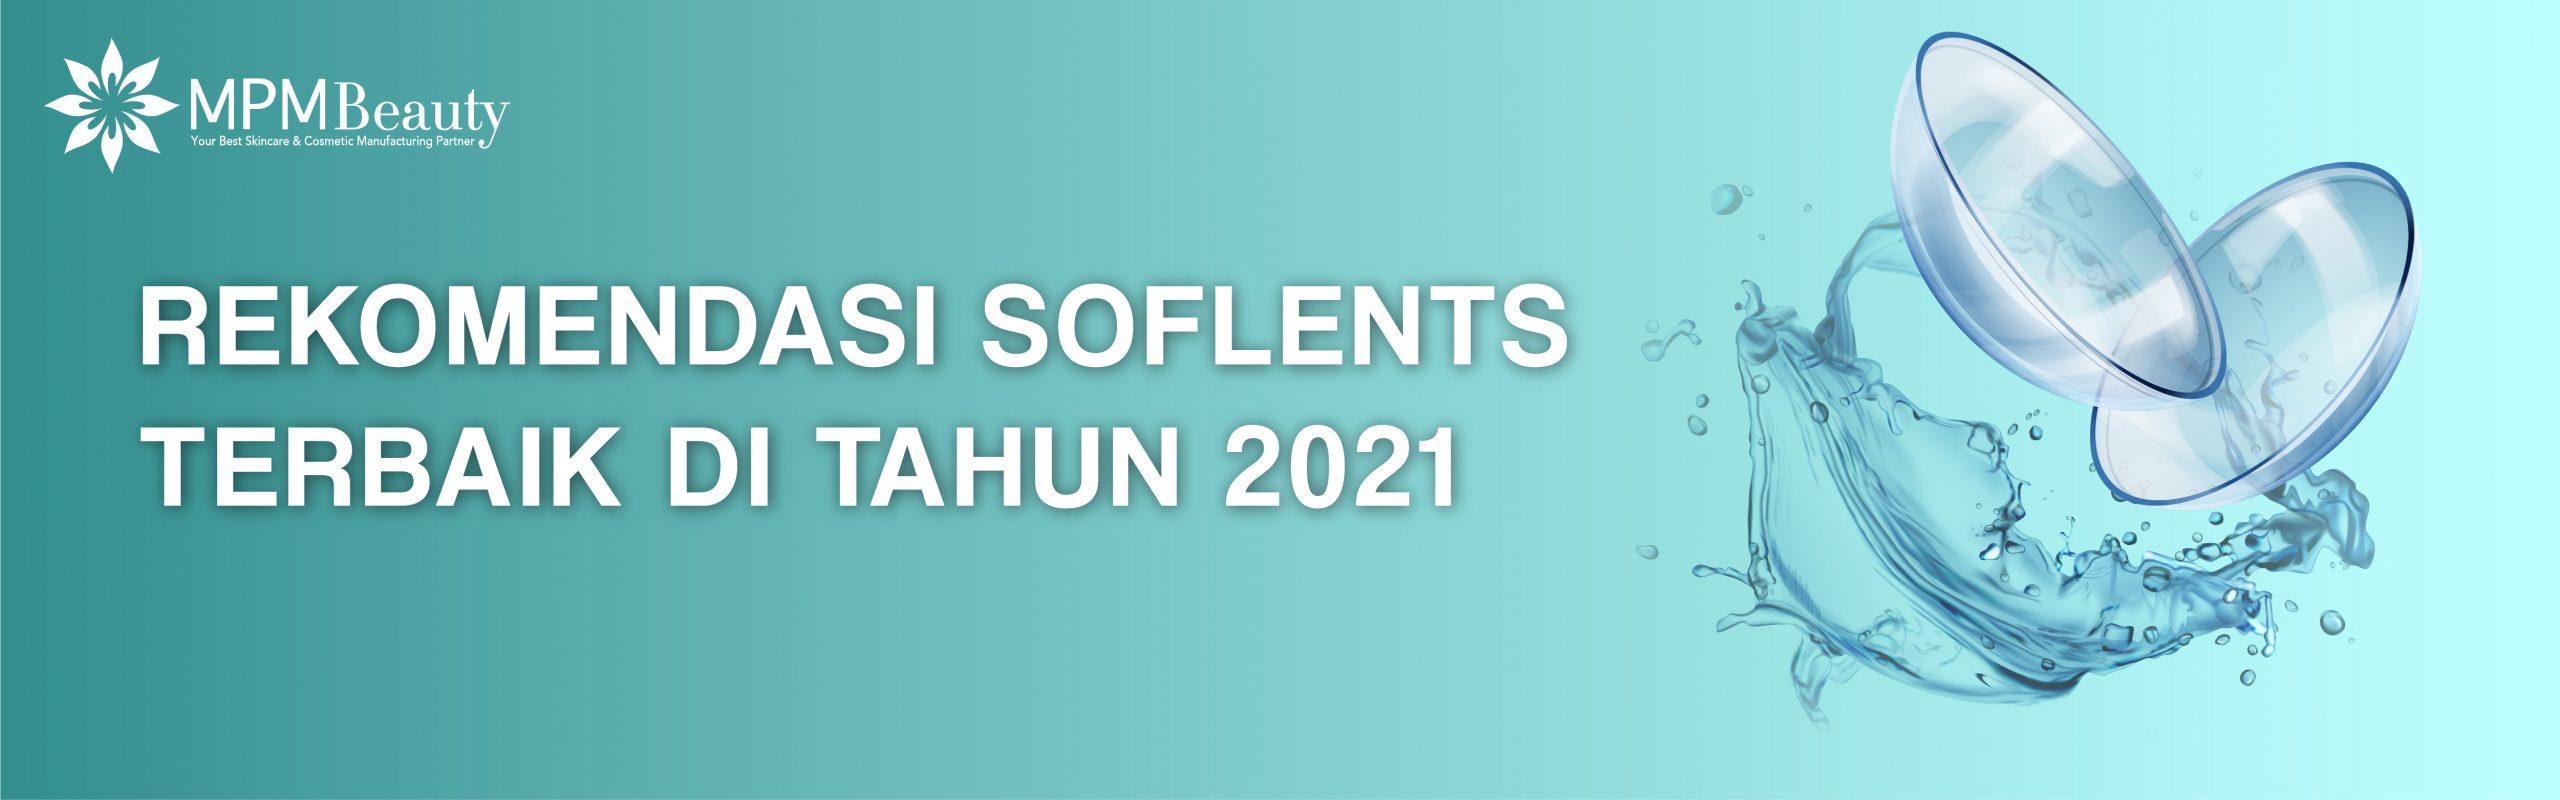 Rekomendasi Soflens Terbaik di Tahun 2021